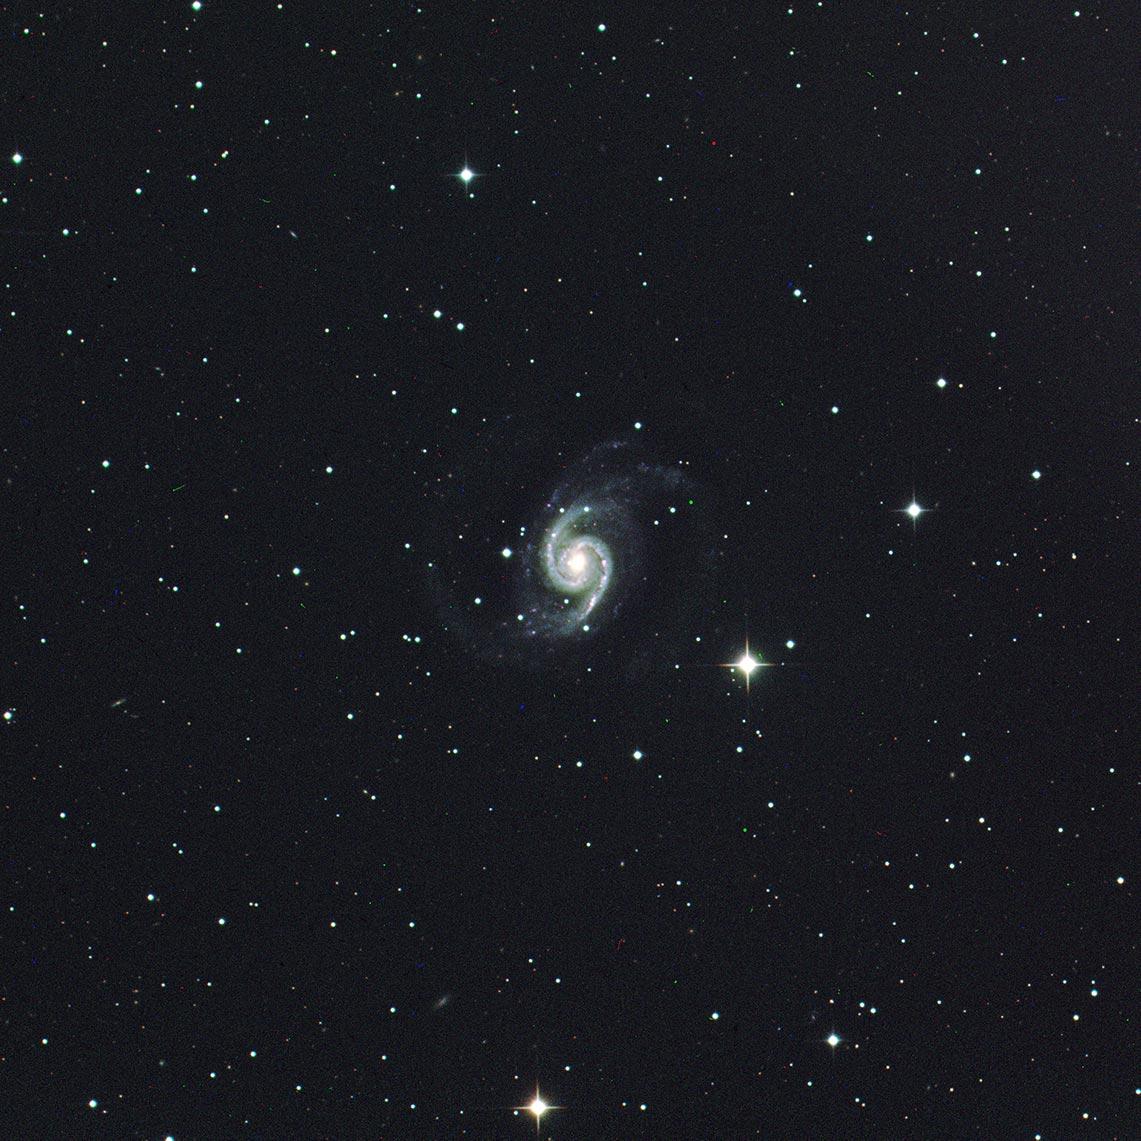 Спиральная галактика NGC 1566, фото 2021 года